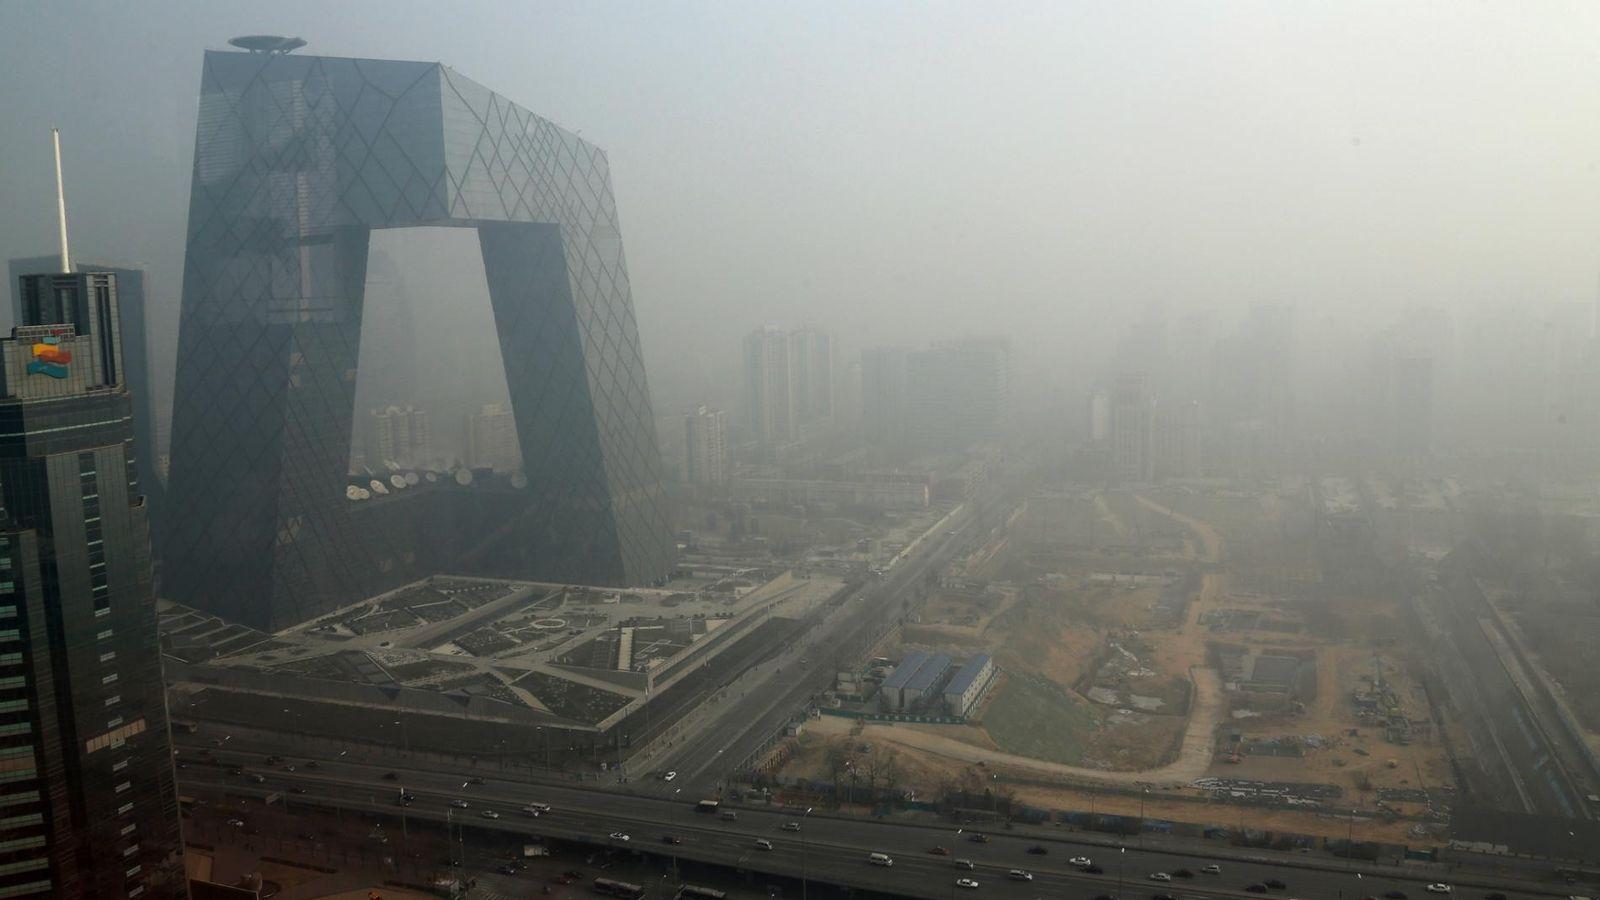 La brume enveloppe le quartier des affaires au mois de janvier. Une nouvelle étude montre que ...